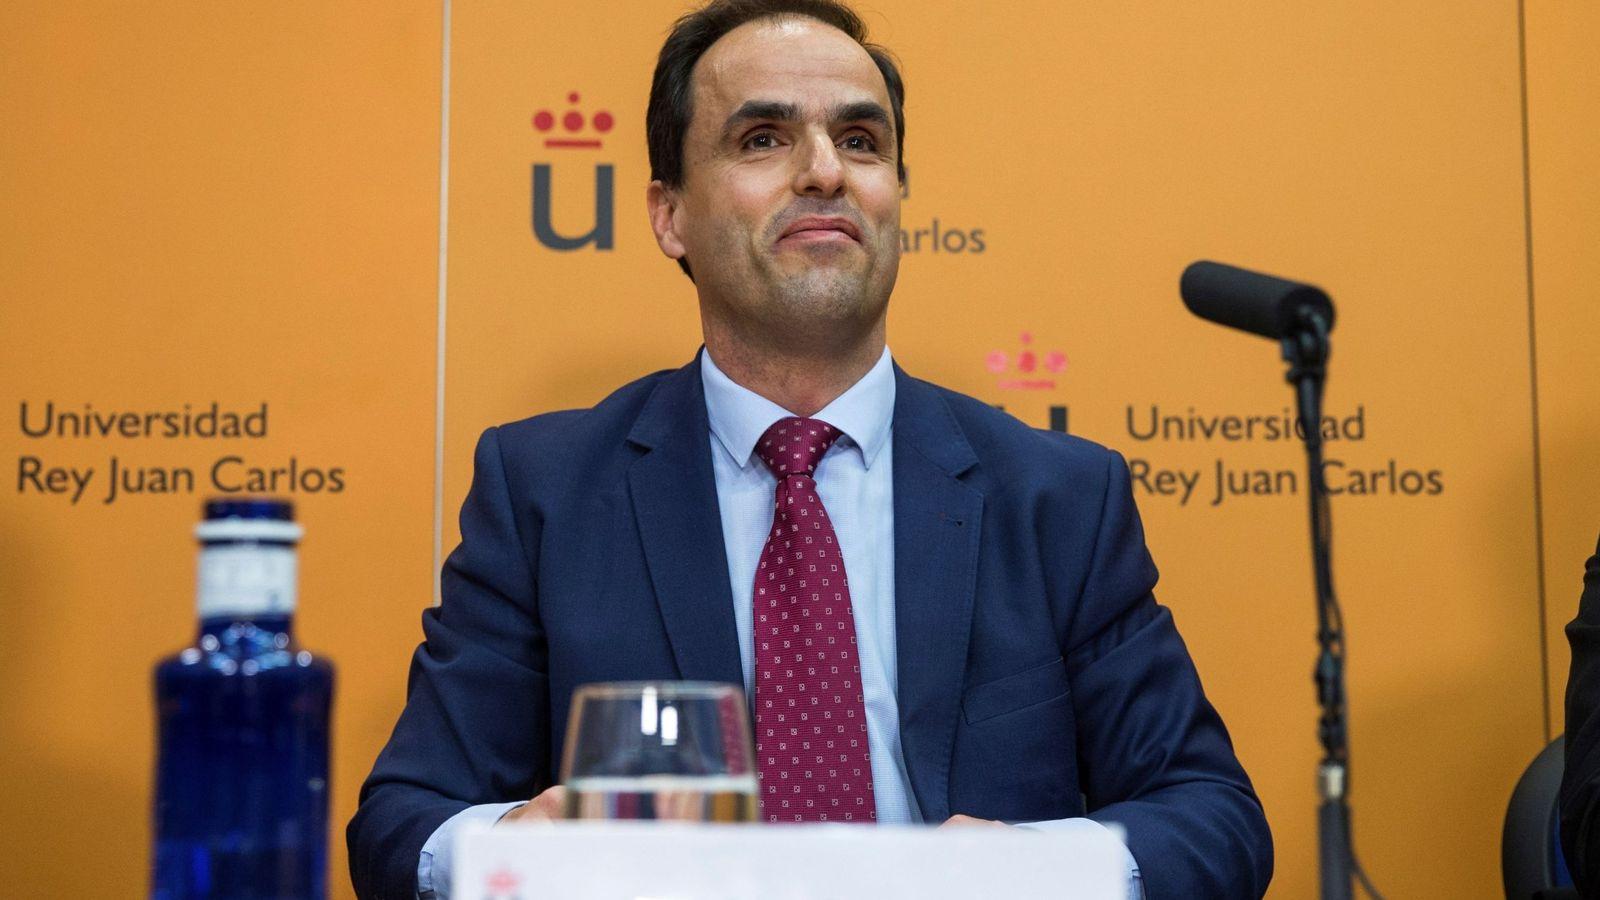 Foto: El rector de la Universidad Rey Juan Carlos (URJC), Javier Ramos, el pasado 21 de marzo en rueda de prensa en el campus de Móstoles. (EFE)